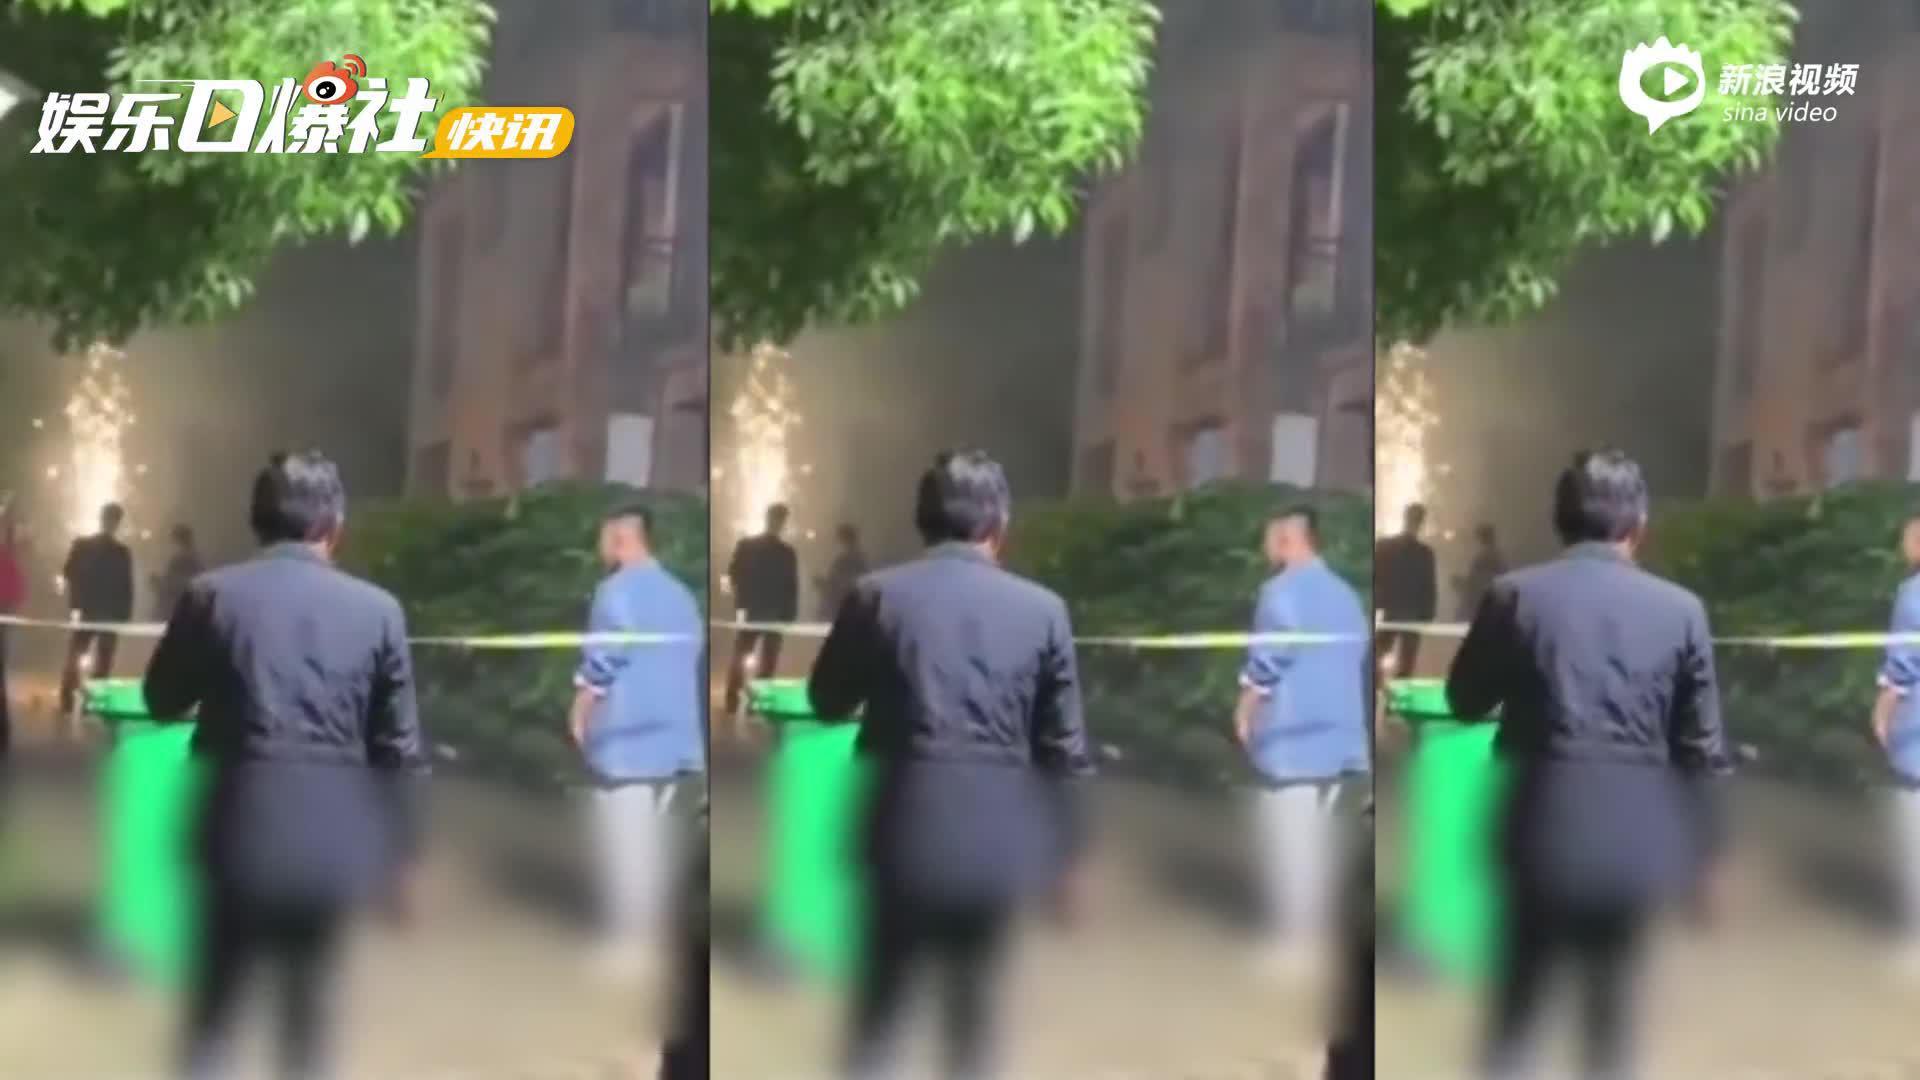 网曝张新成付辛博《深渊》剧组扰民 业主报警处理